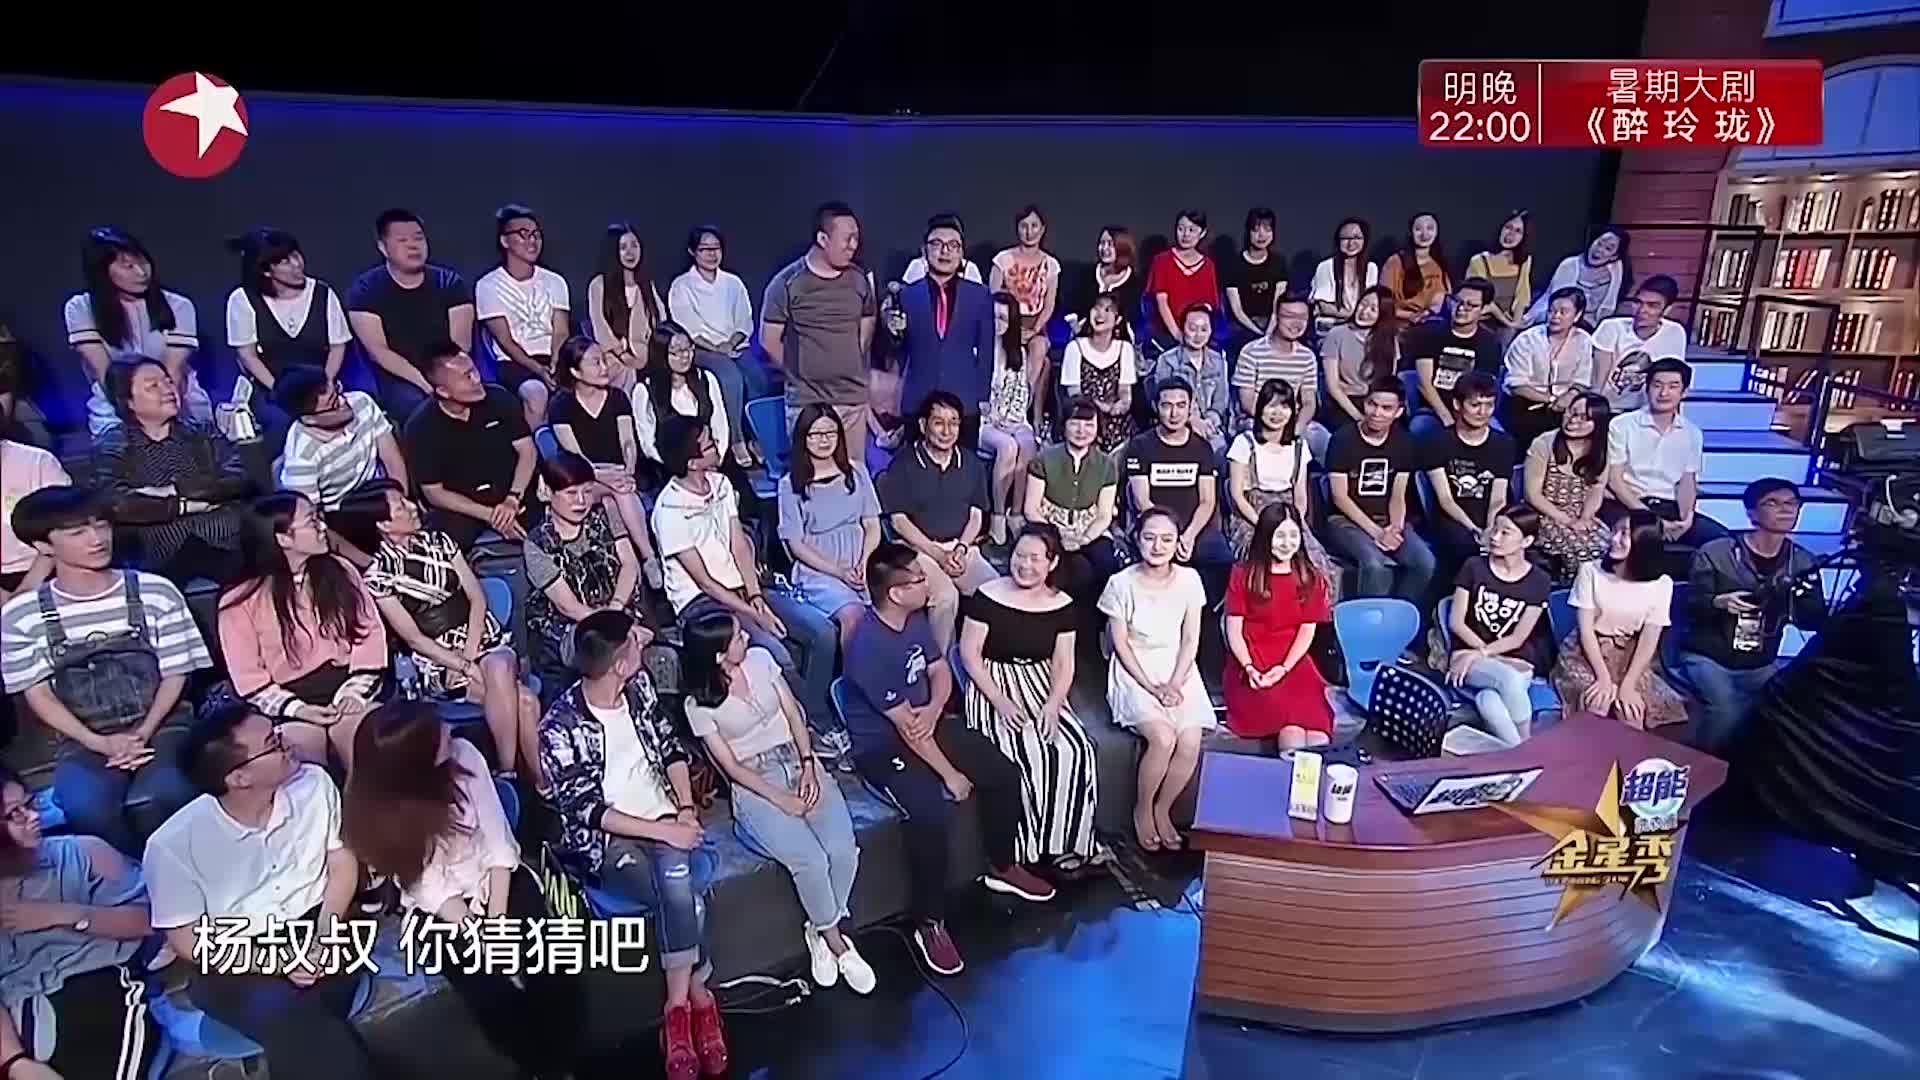 殷桃做客《金星秀》,真人比电视里更好看,沈南都不好意思看了!